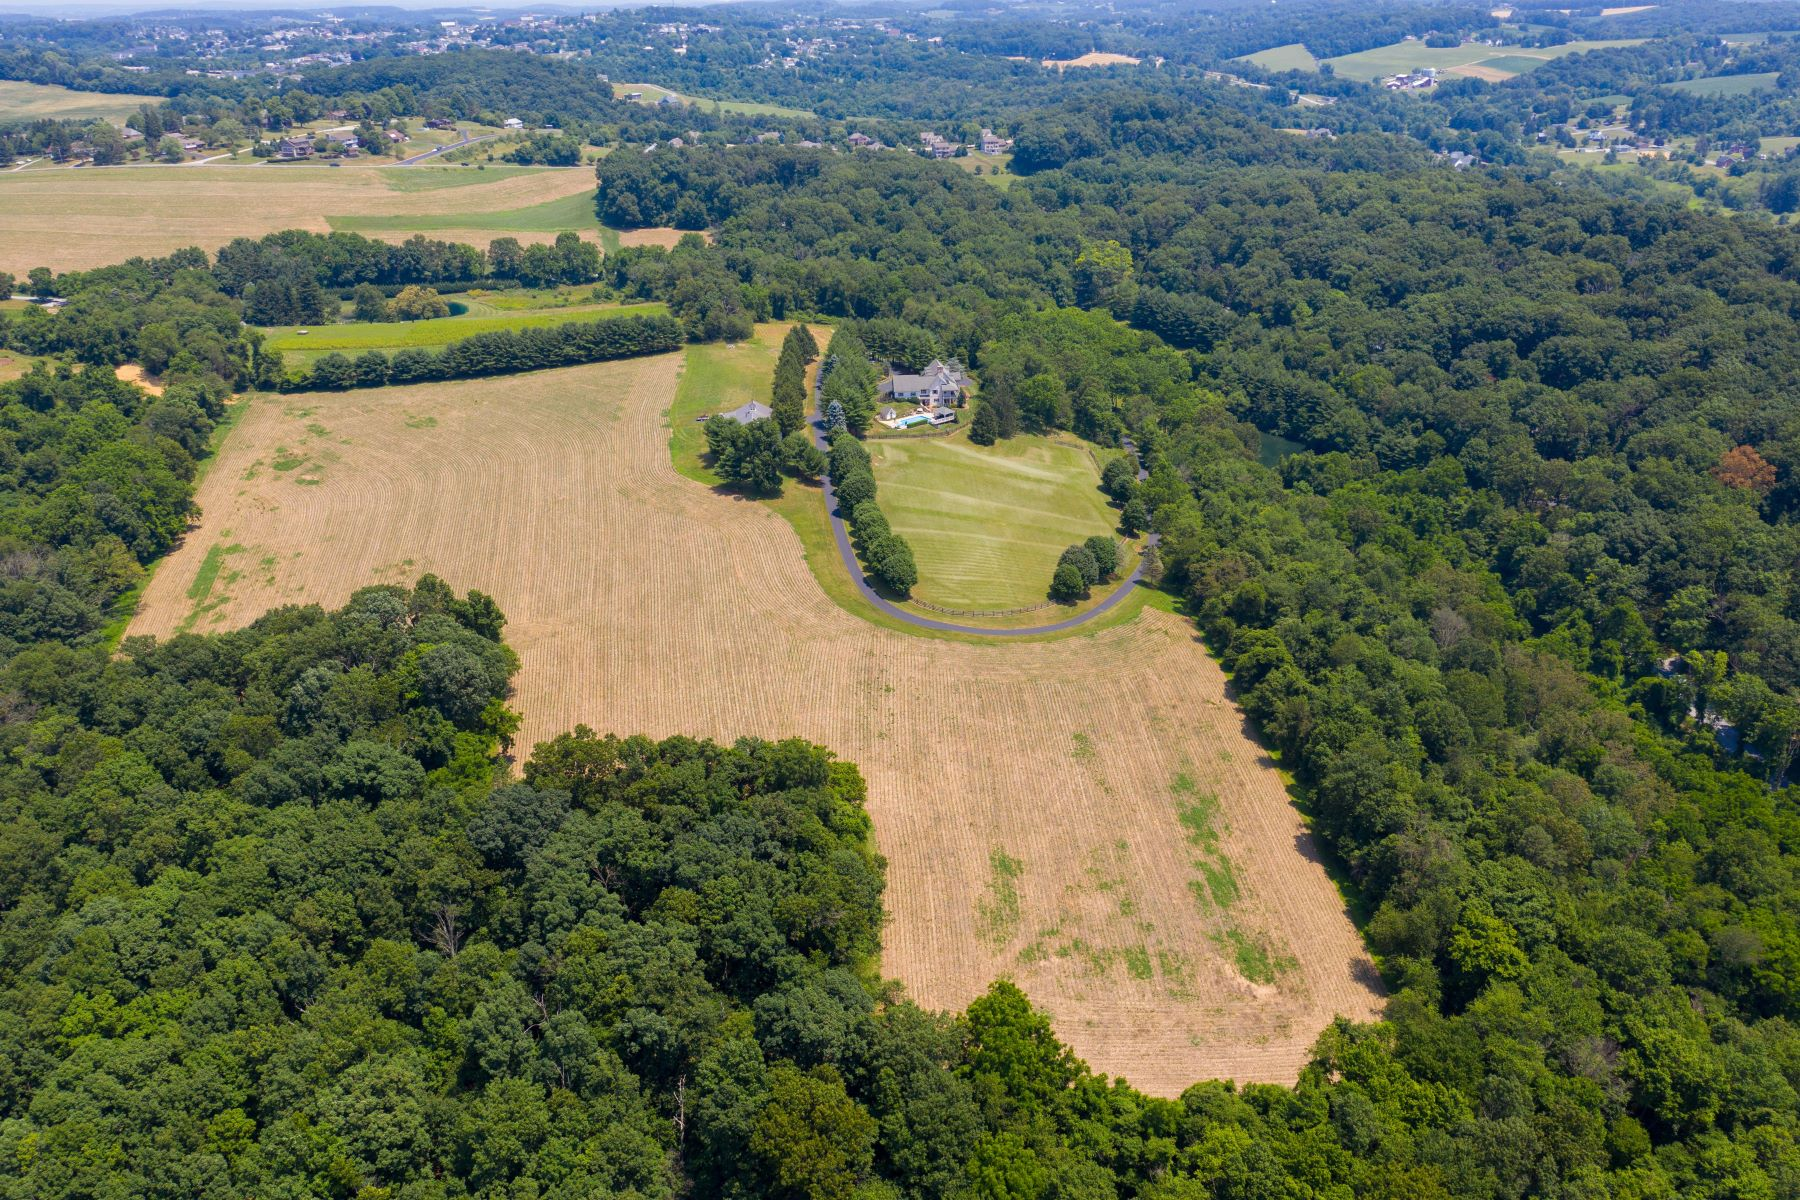 农场 / 牧场 / 种植园 为 销售 在 Dallastown, 宾夕法尼亚州 17313 美国